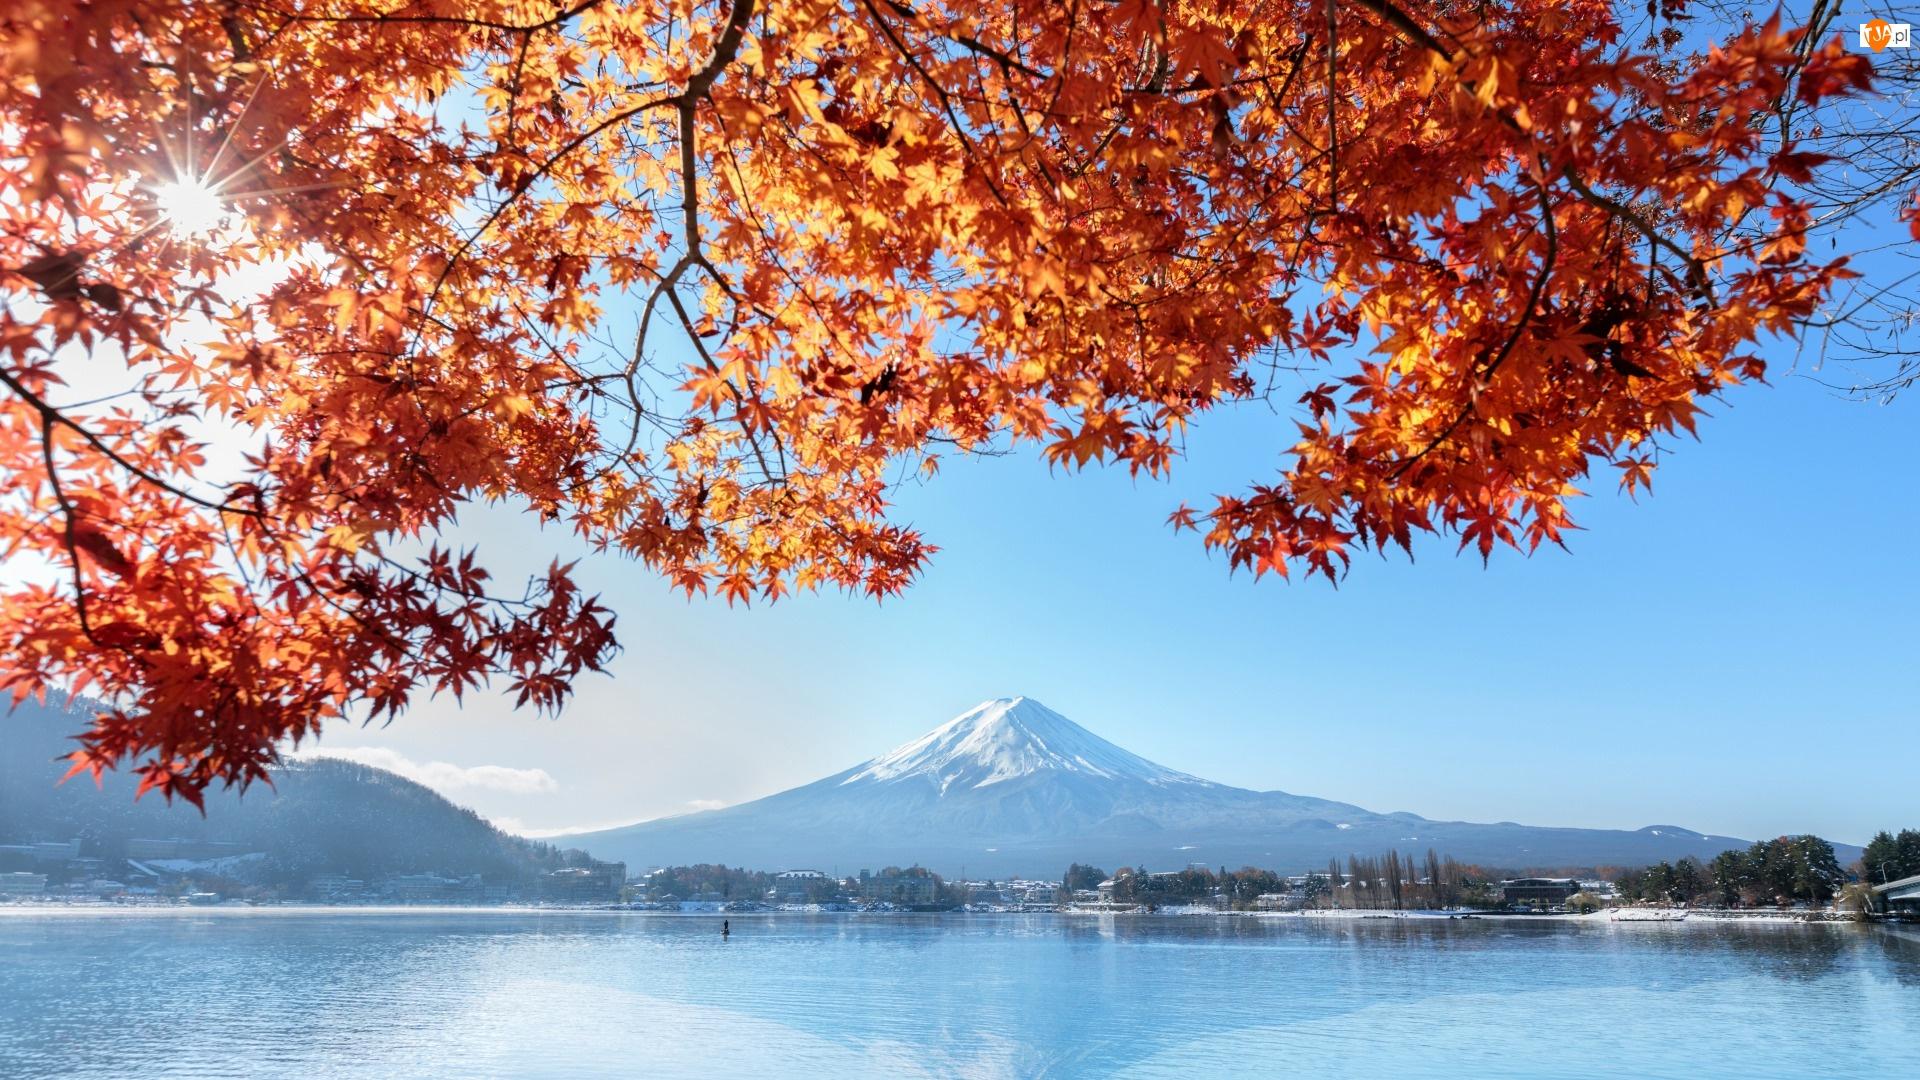 Japonia, Fuji, Honsiu, Gałęzie, Liście, Fudżi, Góra, Stratowulkan, Jezioro